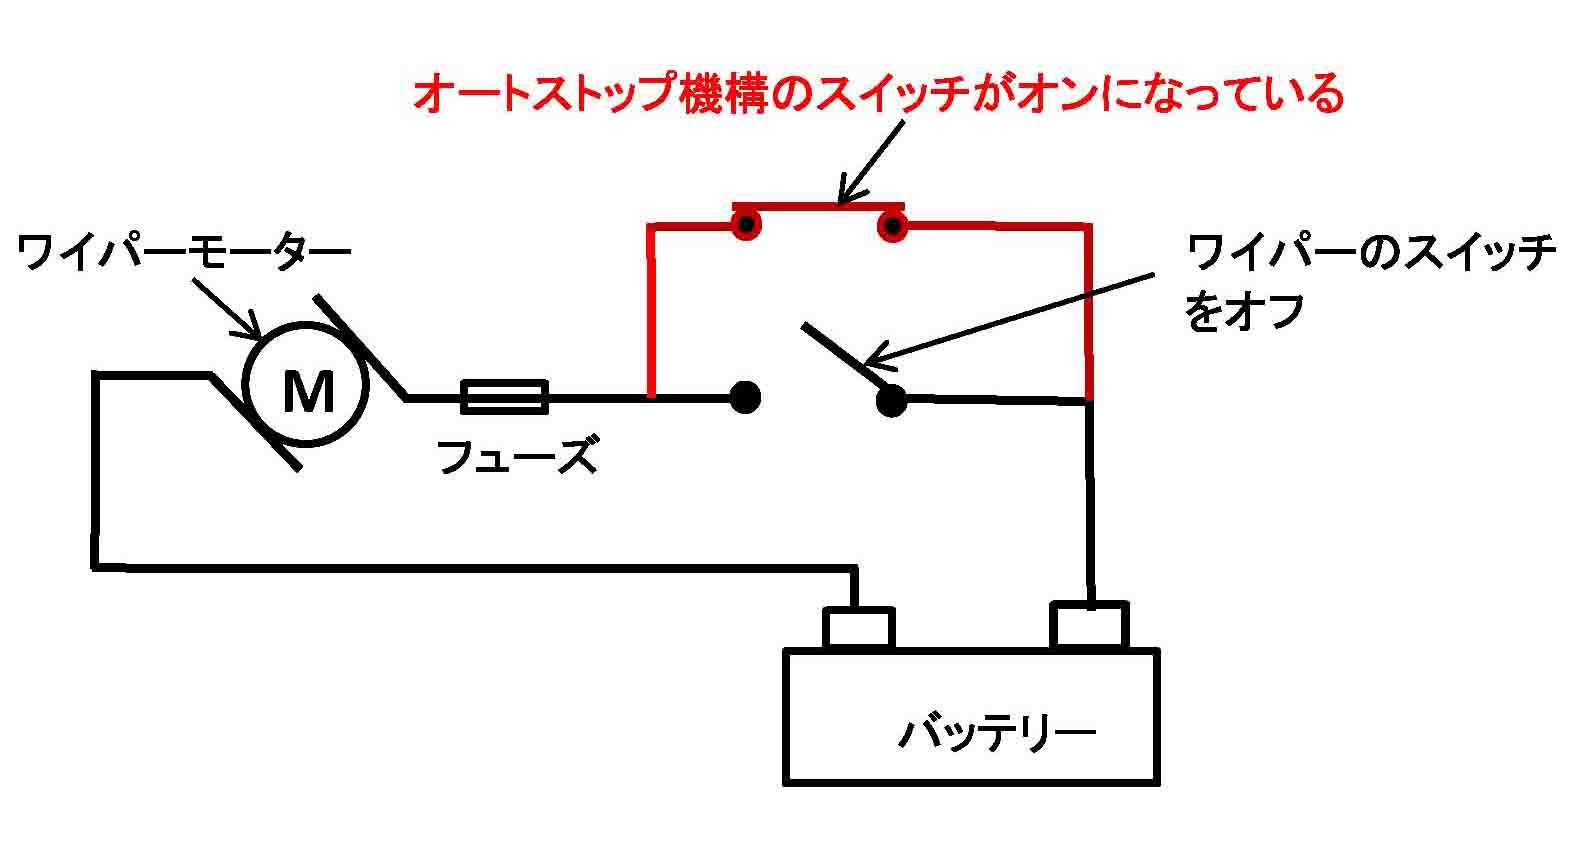 オートストップ機構図解-1.jpg